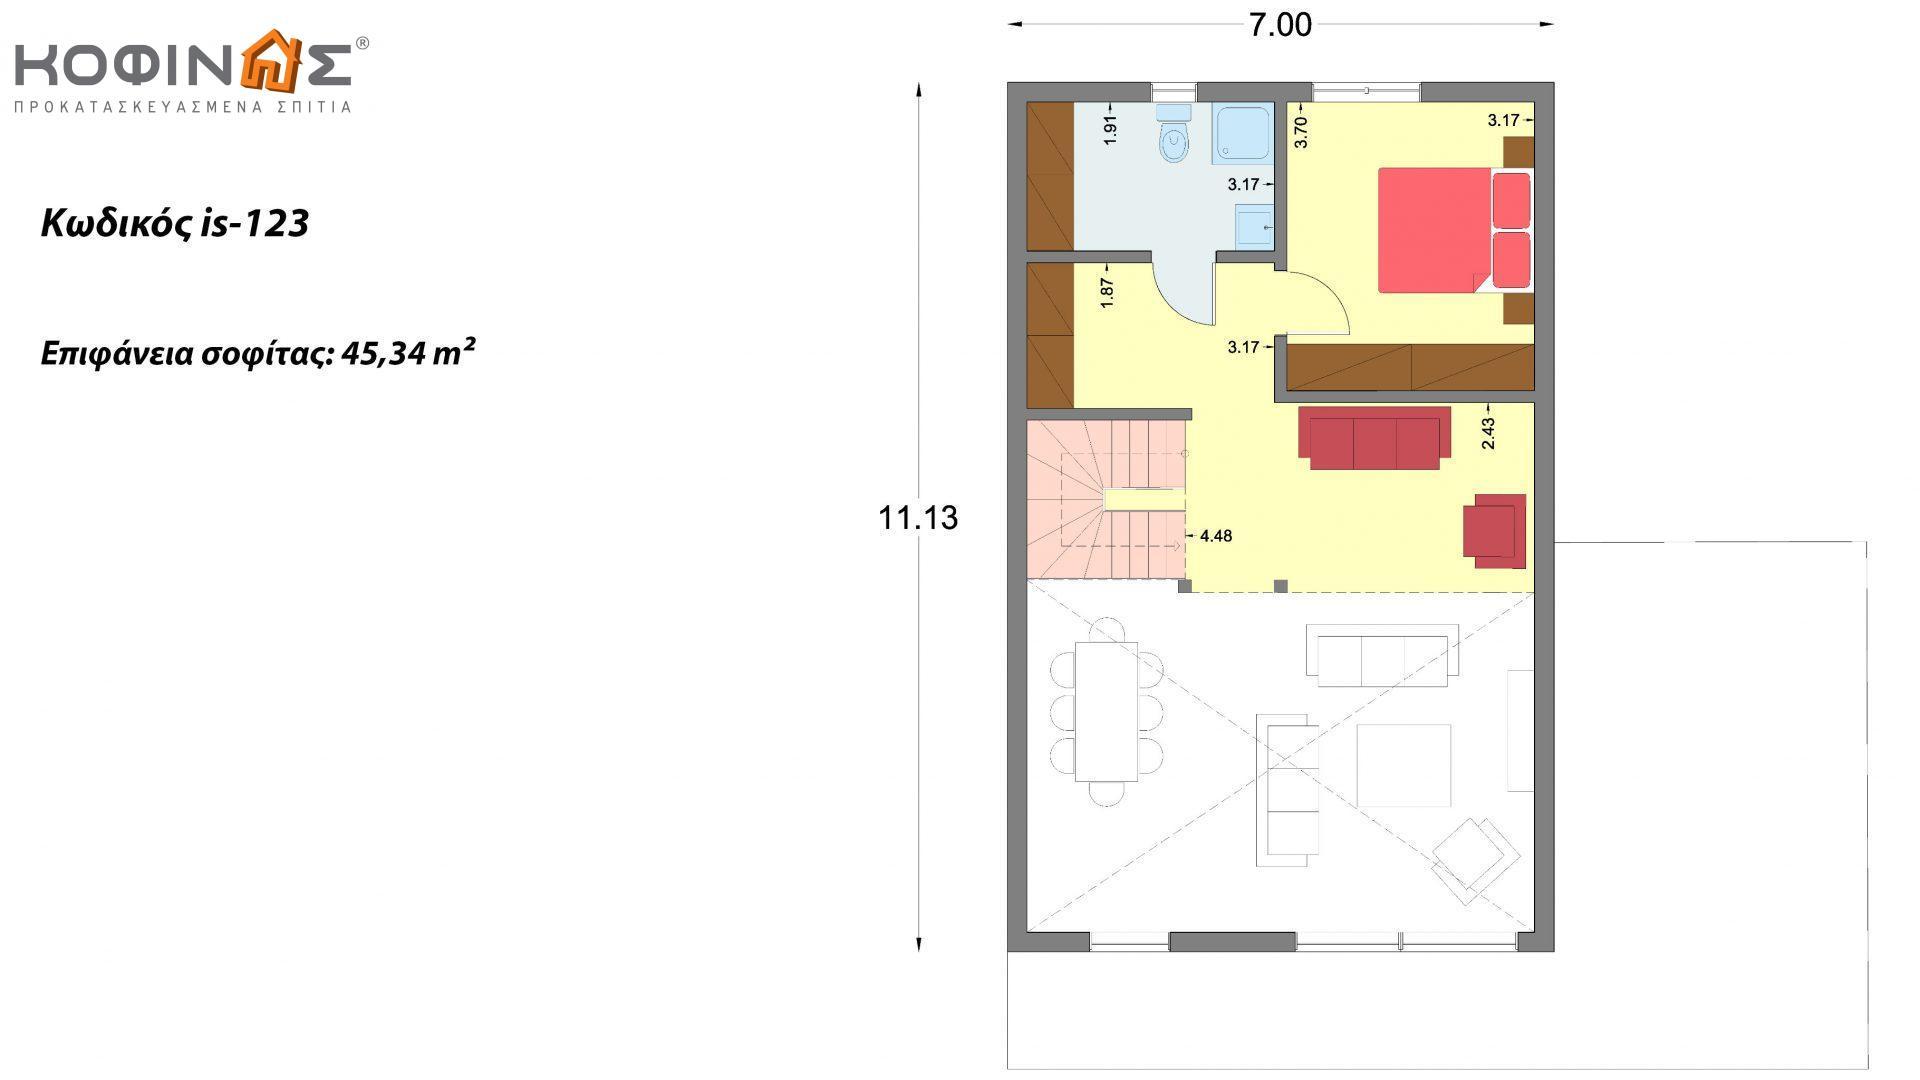 Ισόγεια Κατοικία με Σοφίτα IS-123, συνολικής επιφάνειας 123,25 τ.μ. ,συνολική επιφάνεια στεγασμένων χώρων 10.50 τ.μ.